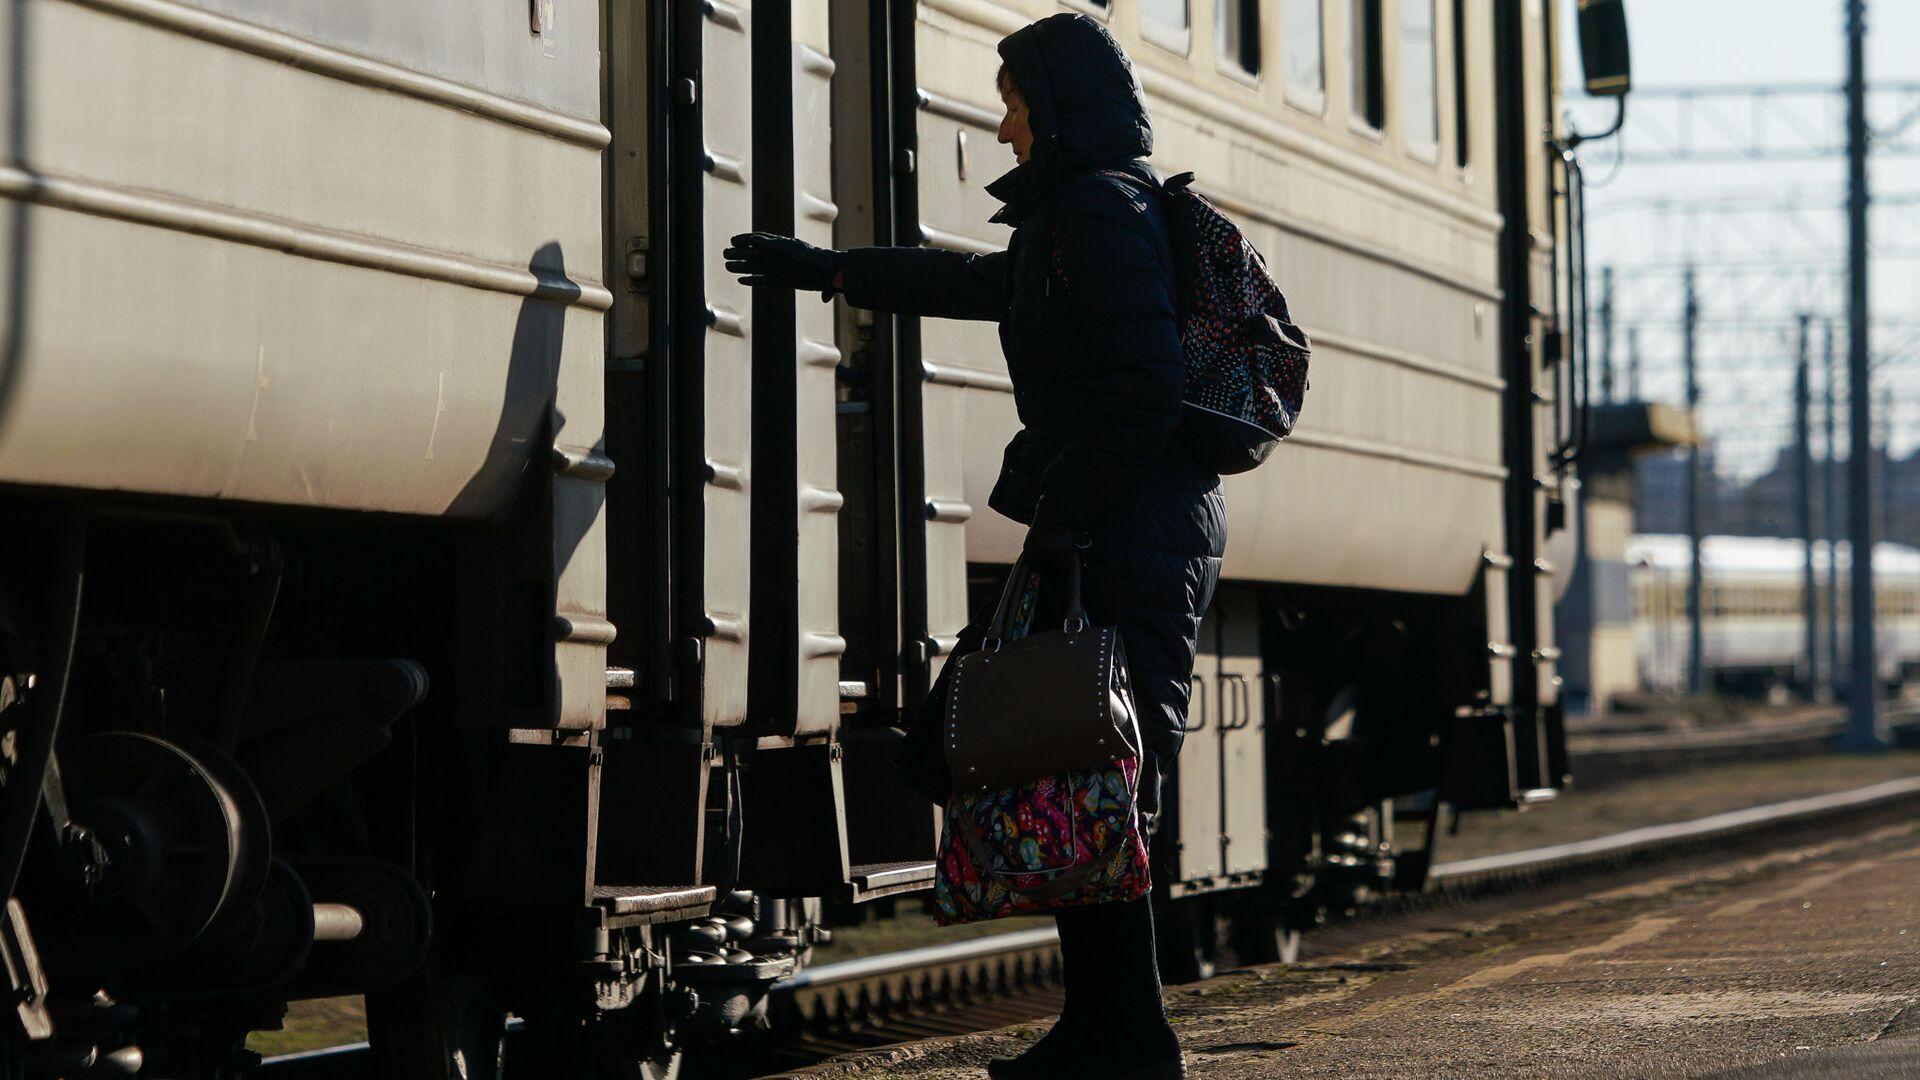 Женщина садится в вагон поезда - Sputnik Латвия, 1920, 26.09.2021